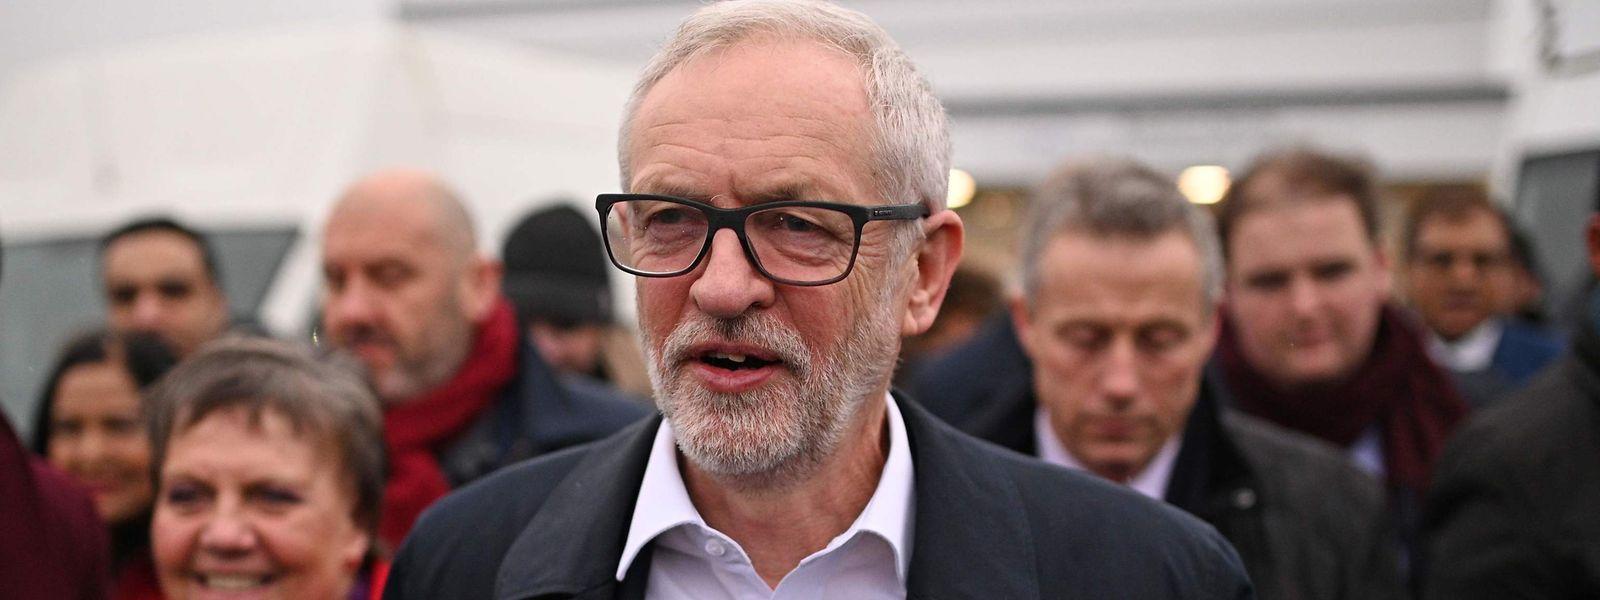 Der Oppositionsführer Jeremy Corbyn dürfte sich über die jüngsten Umfrageergebnisse freuen.